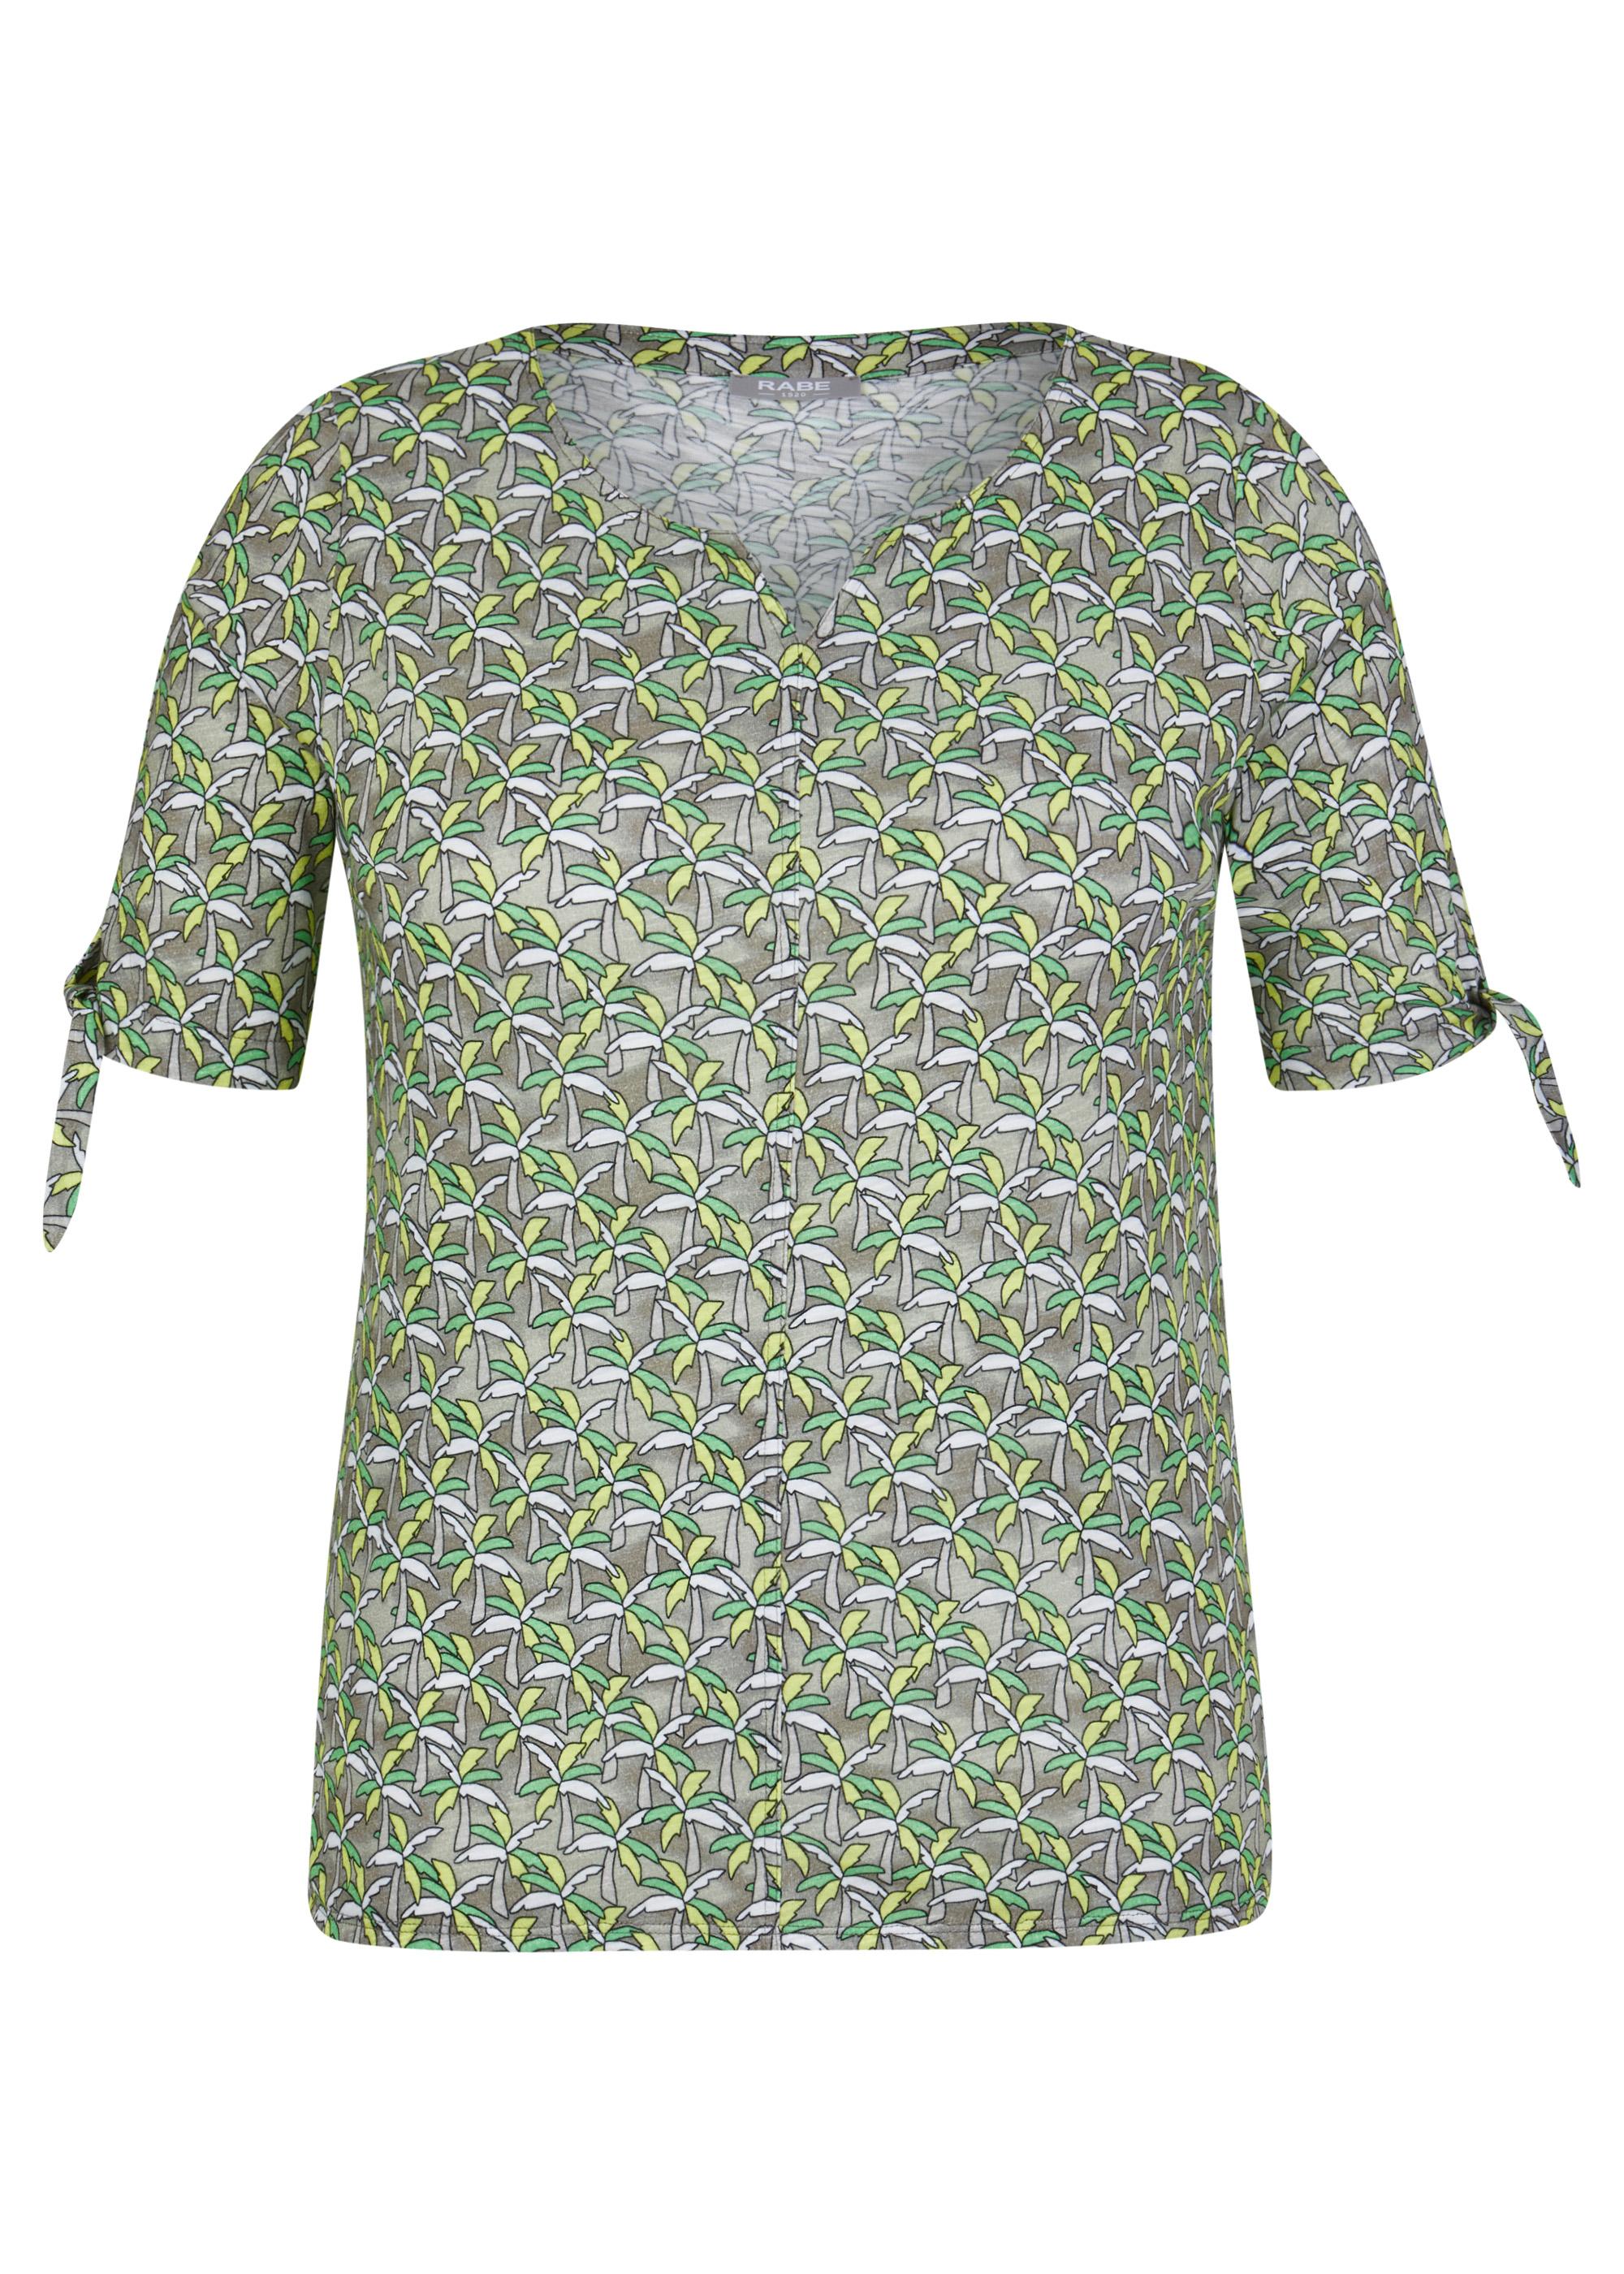 Rabe halbarm Shirt gemustert hellolive